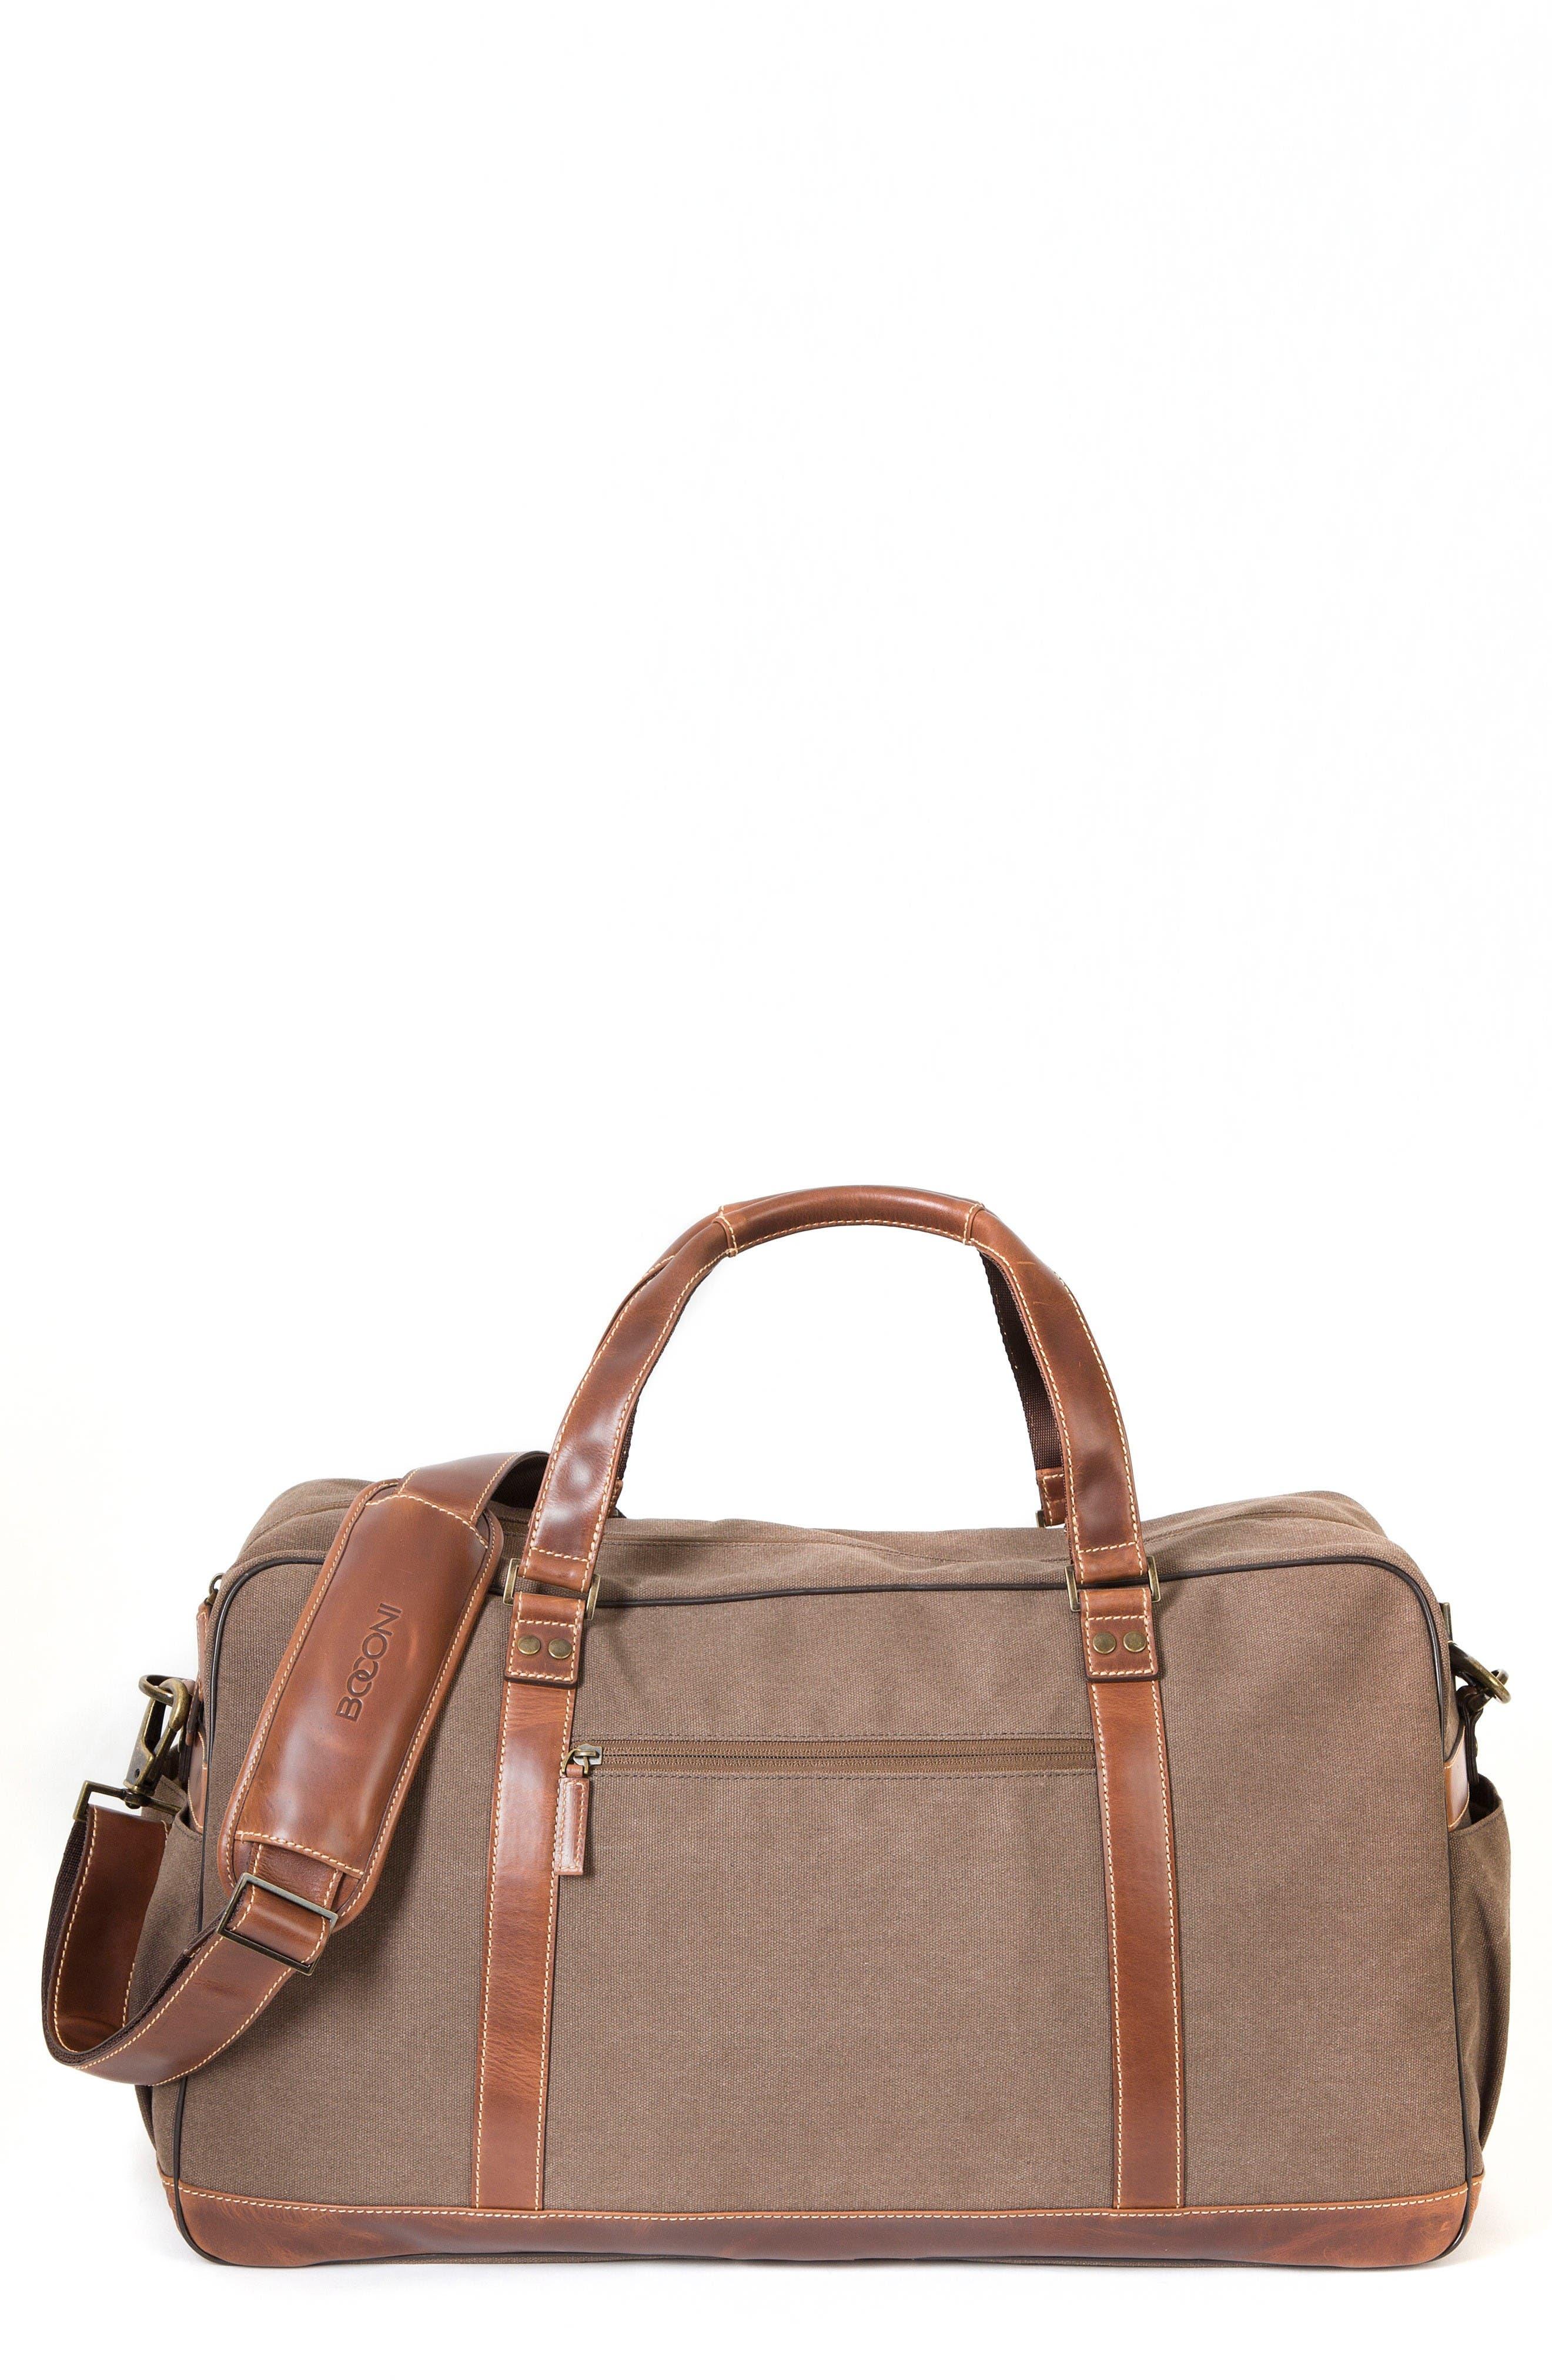 Bryant LTE Getaway Duffel Bag,                         Main,                         color, Antique Mahogany/ Brown